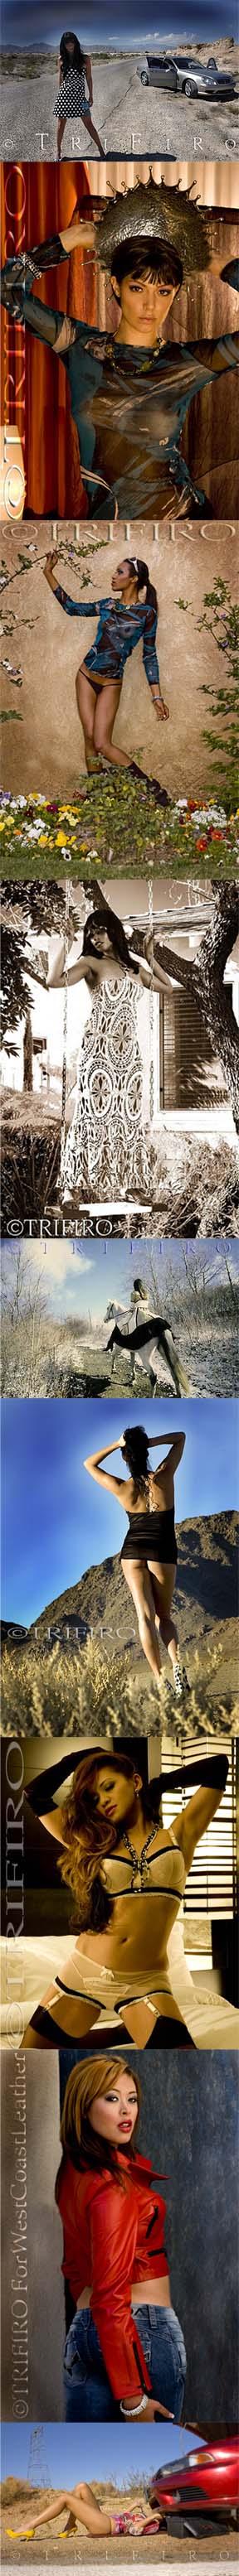 LA CA LV NV NY NY USA Dec 20, 2012 ©Trifiro2012 AllRightsReserved 9upStyle